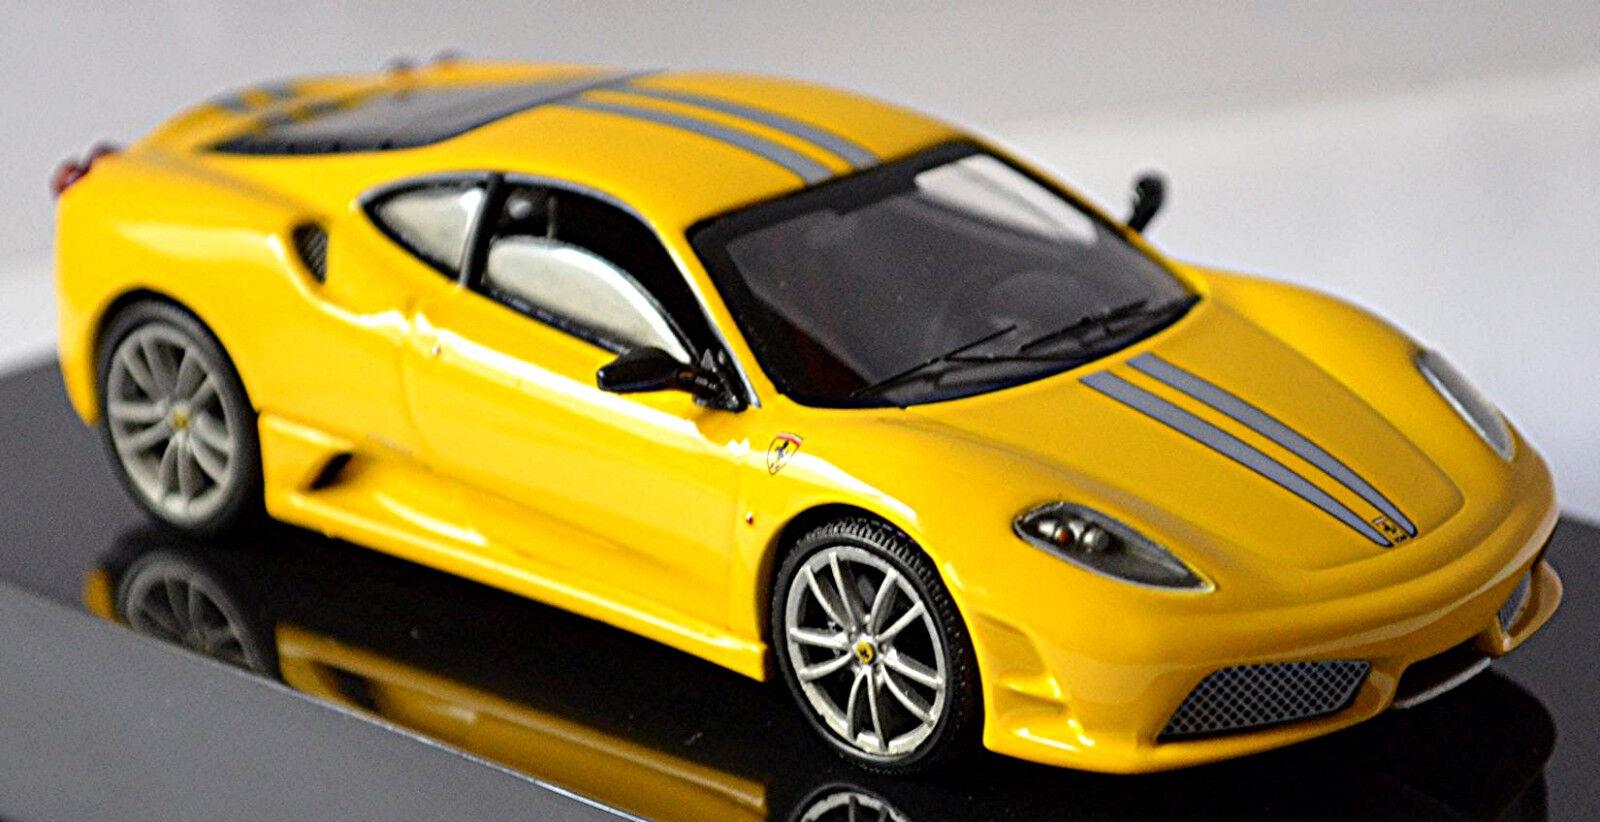 Ferrari 430 Scuderia Coupe 2007-09 Yellow Metallic 1 43 Hot Wheels Elite